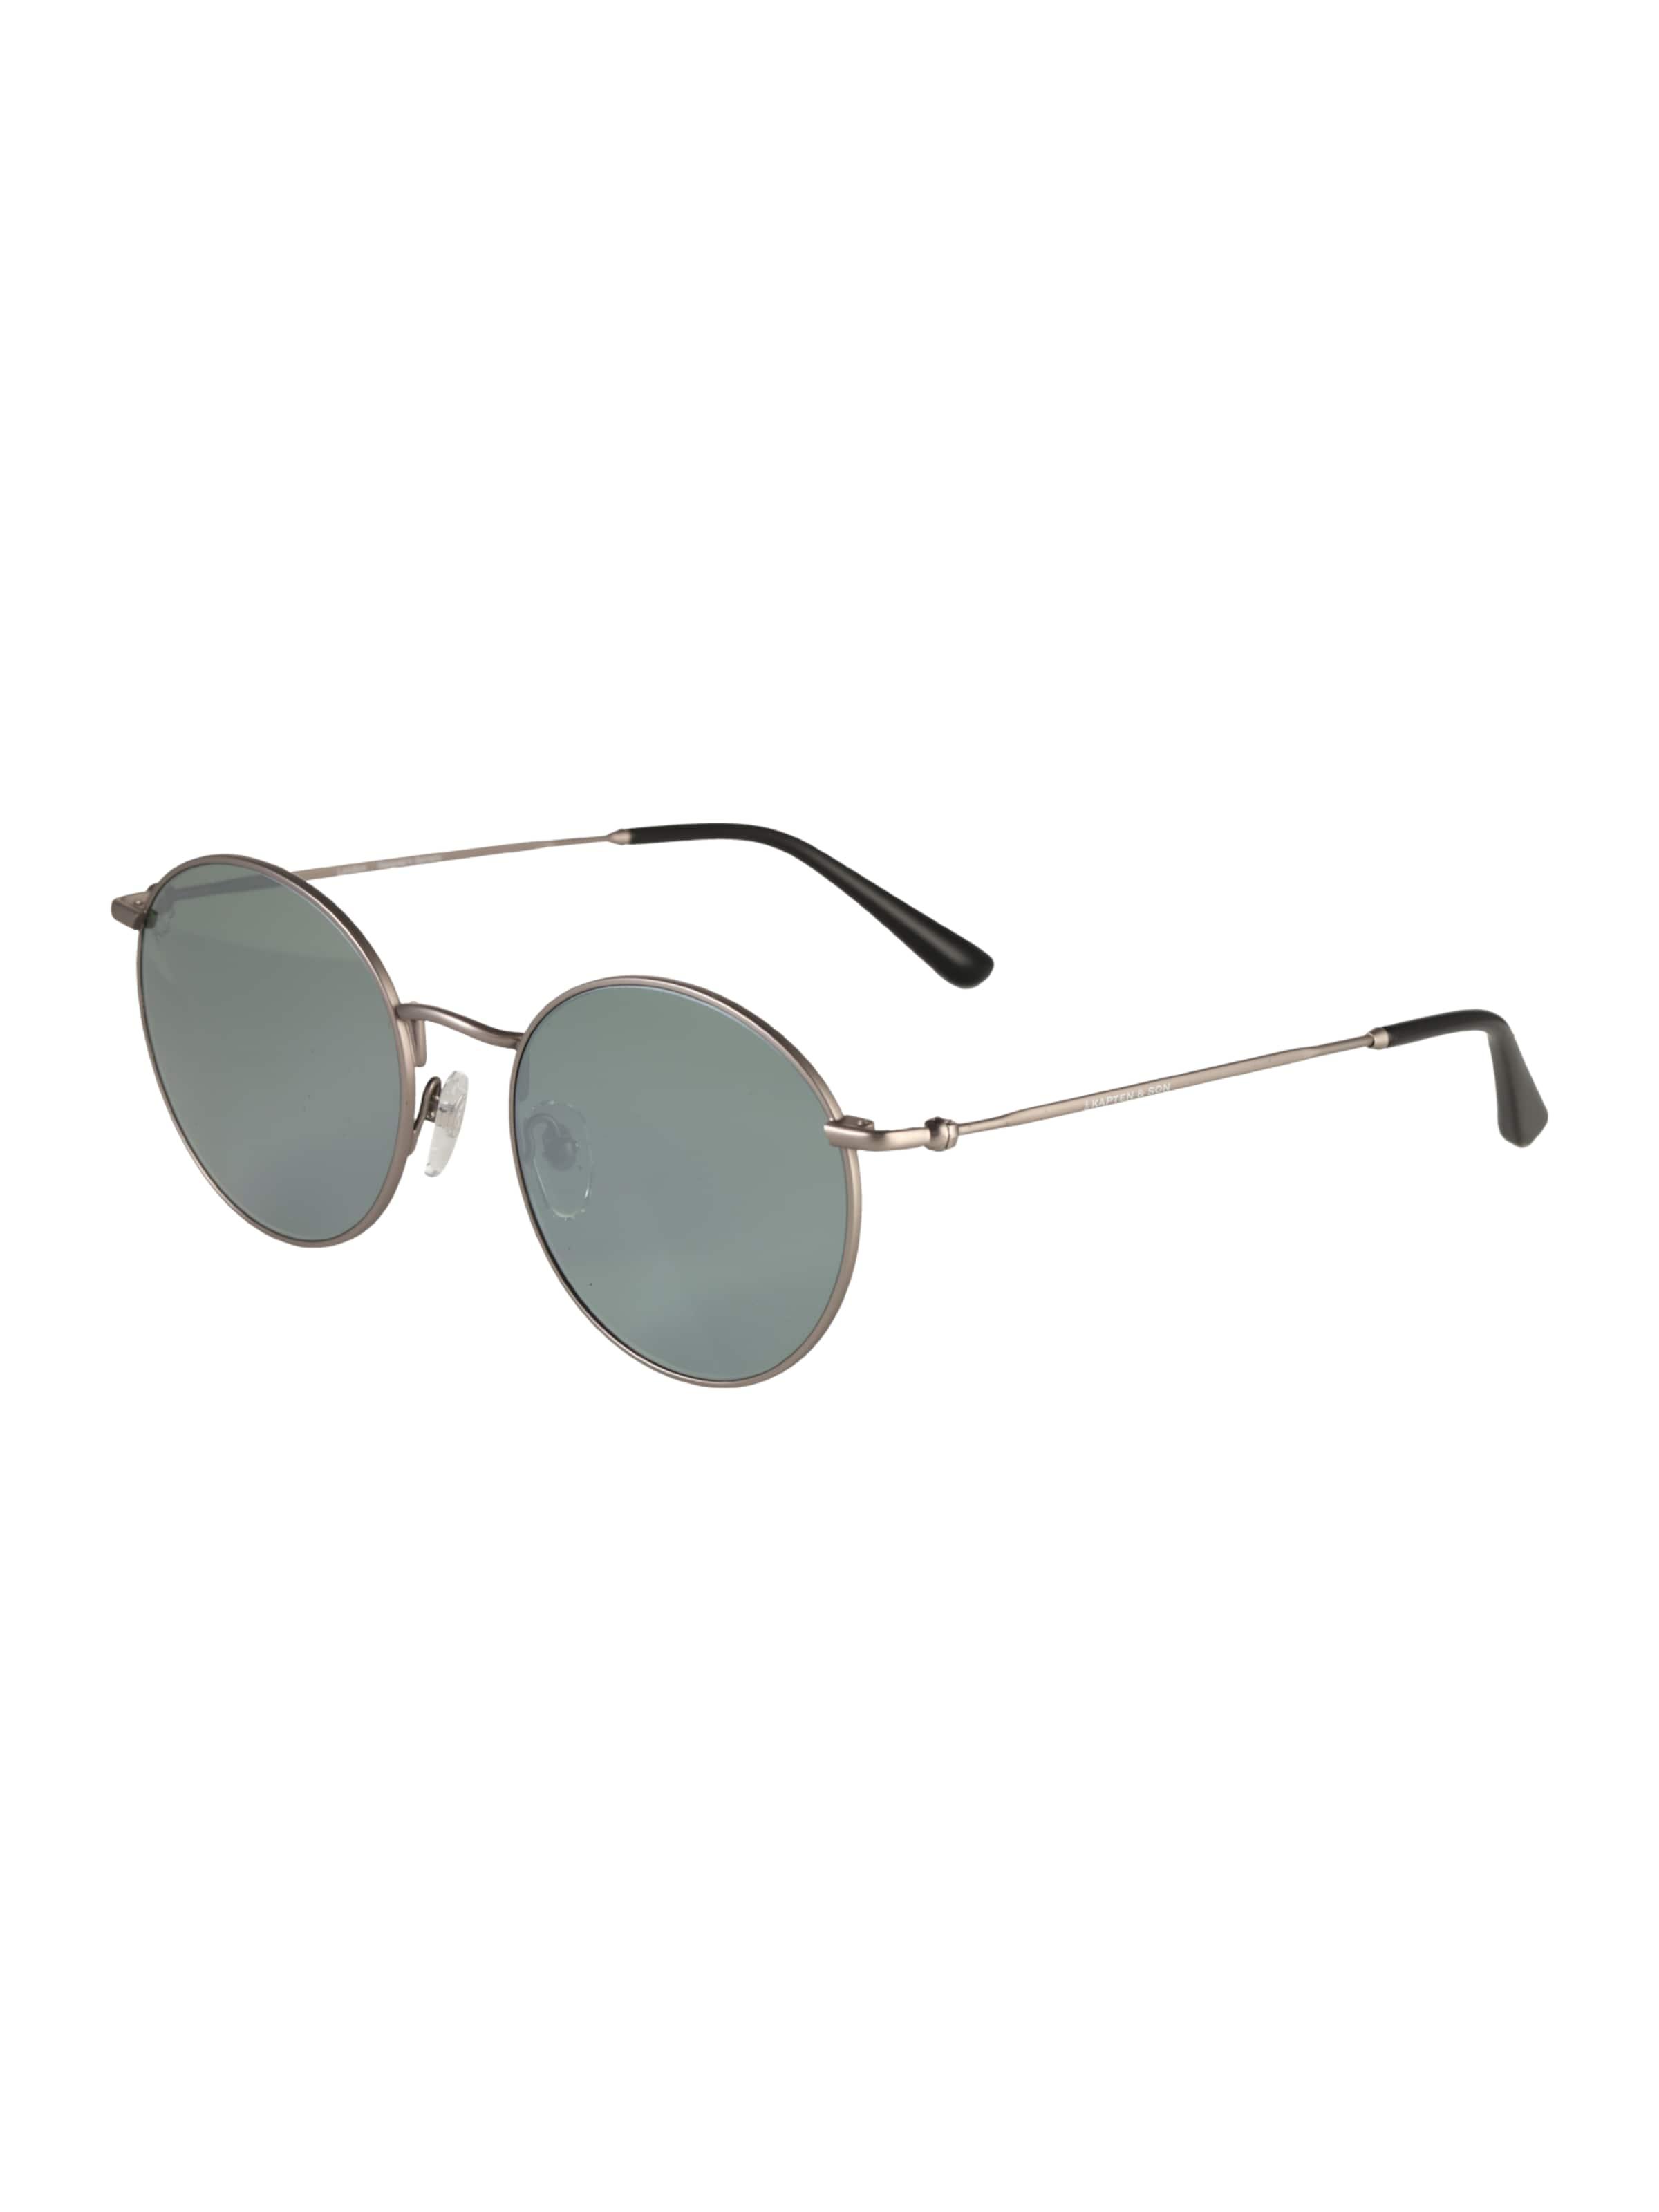 Kapten & Son Sonnenbrille 'London' Exklusiv Zum Verkauf Kostenloser Versand Vorbestellung Günstiger Preis Großer Verkauf Shop Selbst hAoY8m